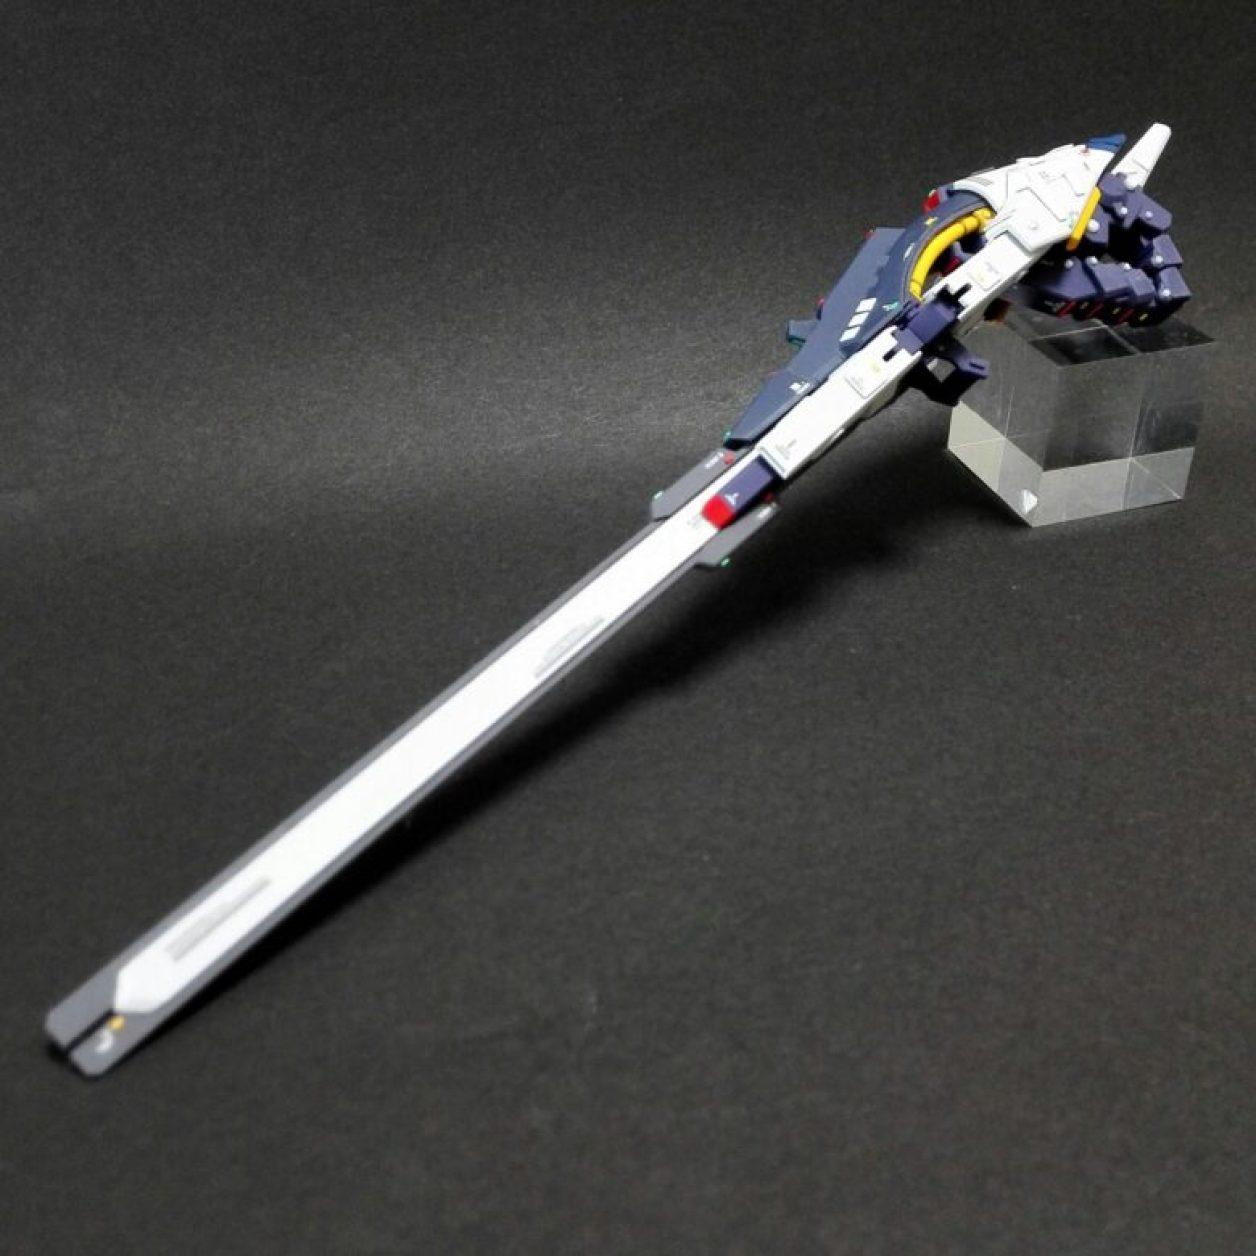 改造、改修してディテールアップしたHGUC ガンダムTR-6[ウーンドウォート](試作機カラー)のコンポジット・シールド・ブースターの画像